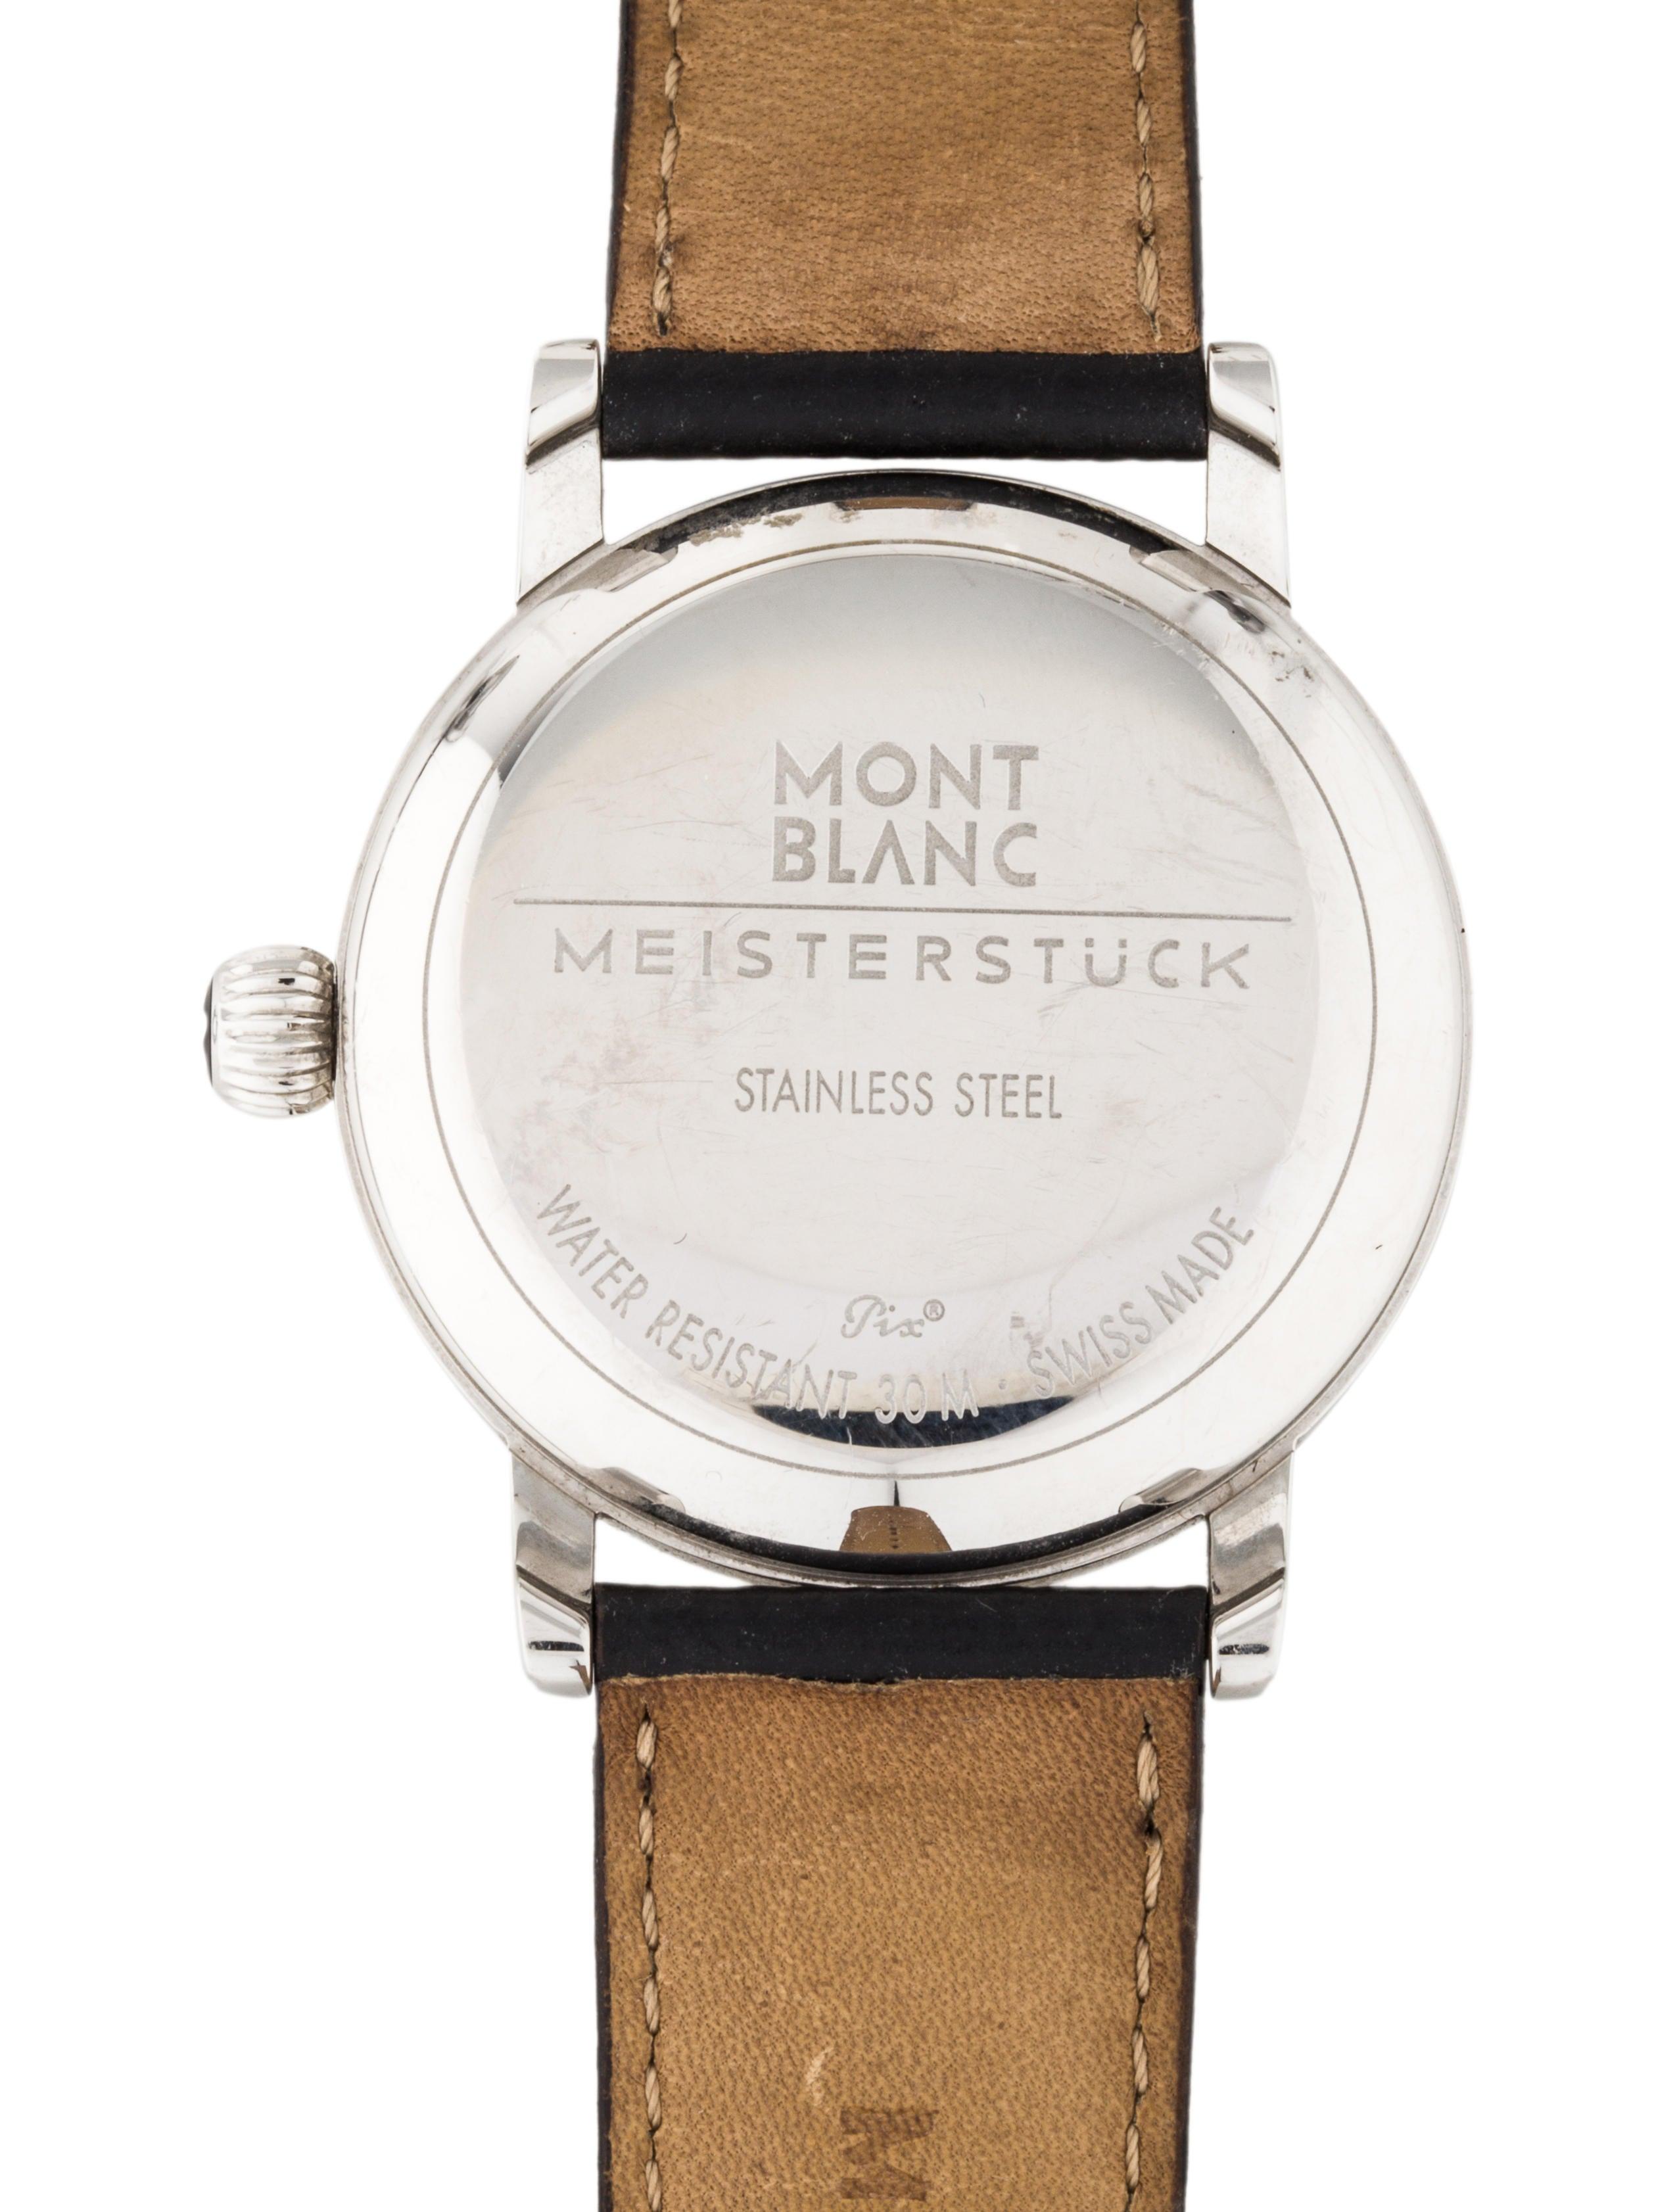 montblanc meisterstuck watch strap